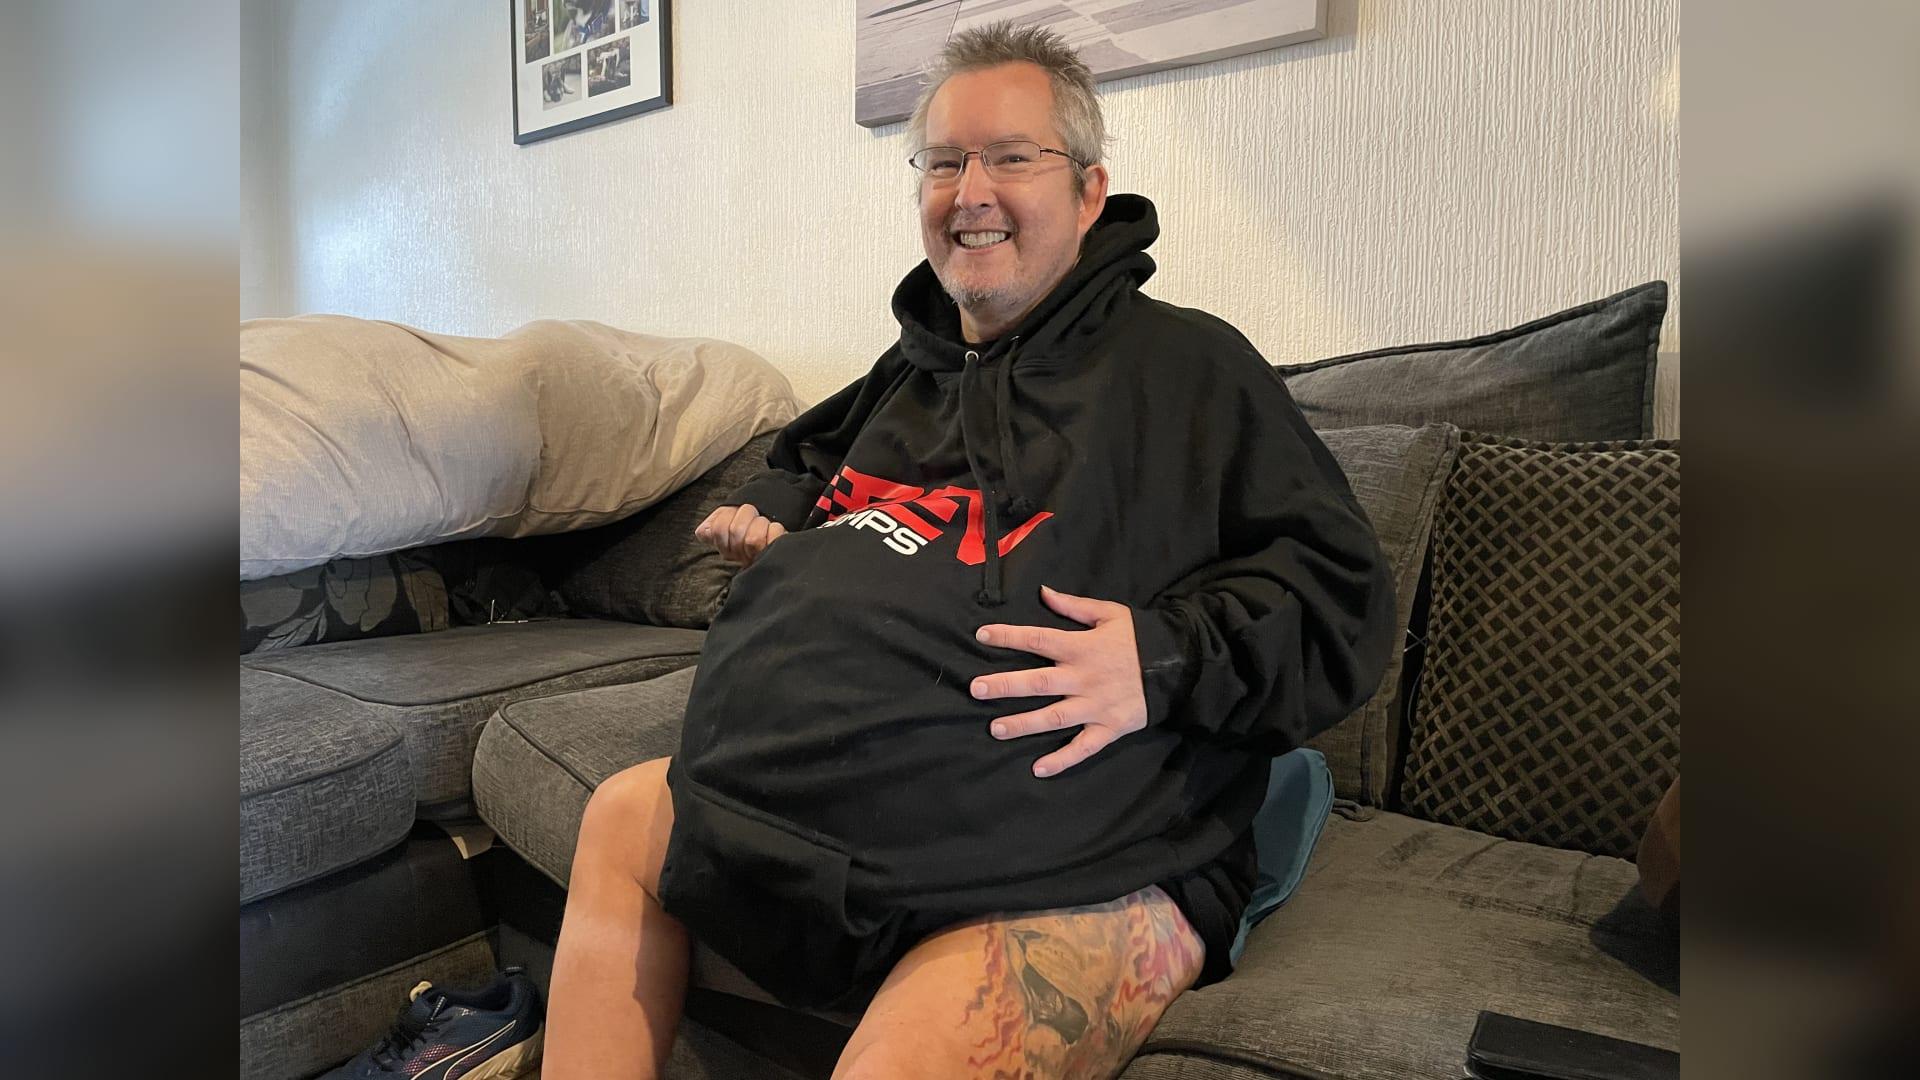 بلغ وزن كل منها 40 كيلوغرام.. رجل بكِلى عملاقة يخطط الخضوع لعملية جراحية لإزالة كليهما